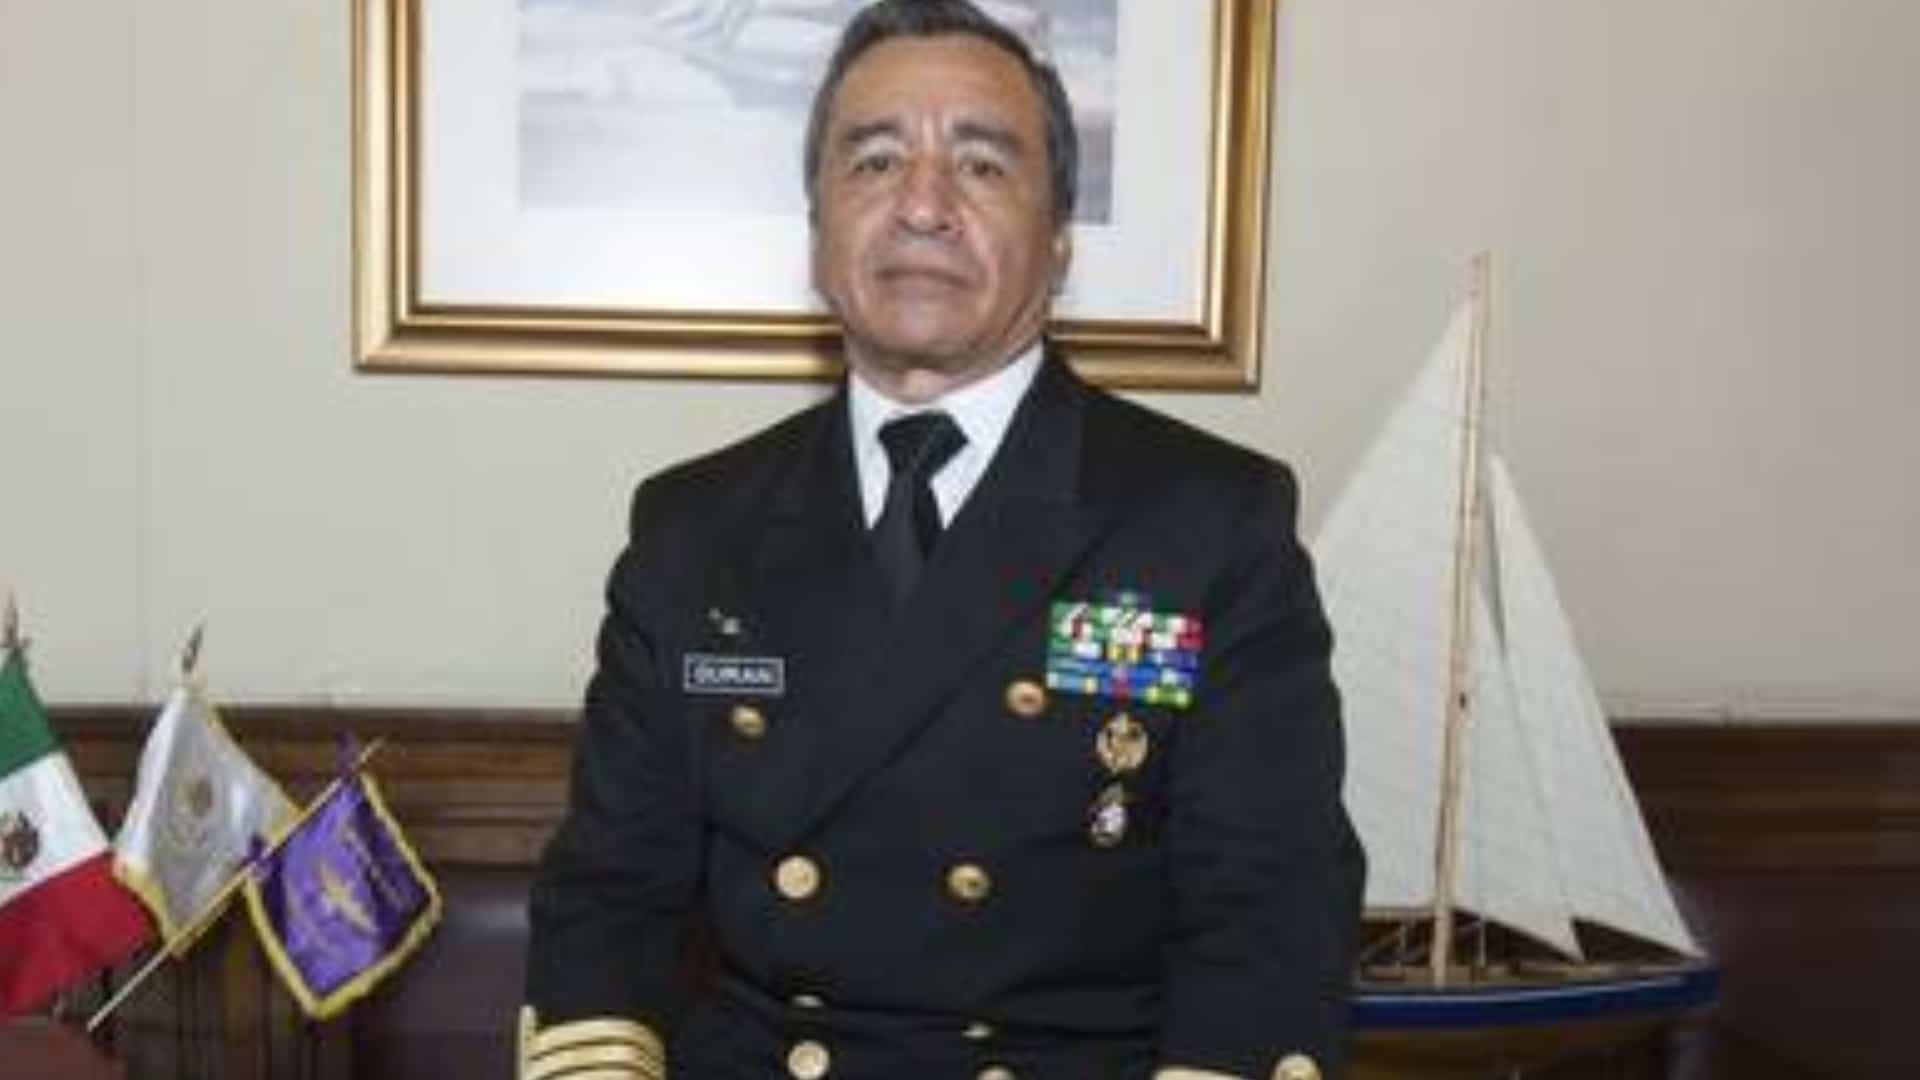 hallan-cadaver-de-almirante-en-la-ii-region-naval-de-ensenada